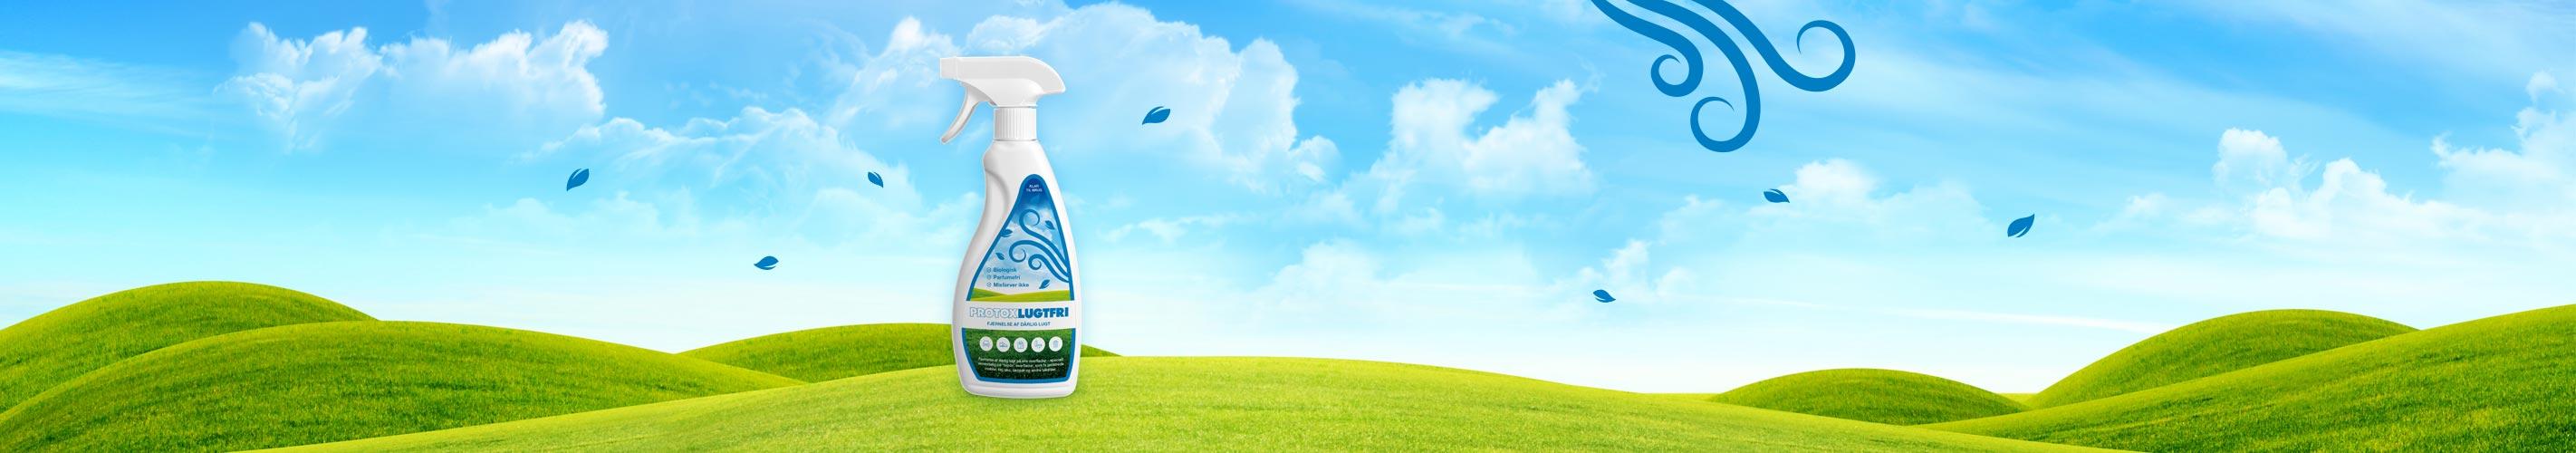 Protox - Midler mod skimmelsvamp, hussvamp, borebiller, lugt mm